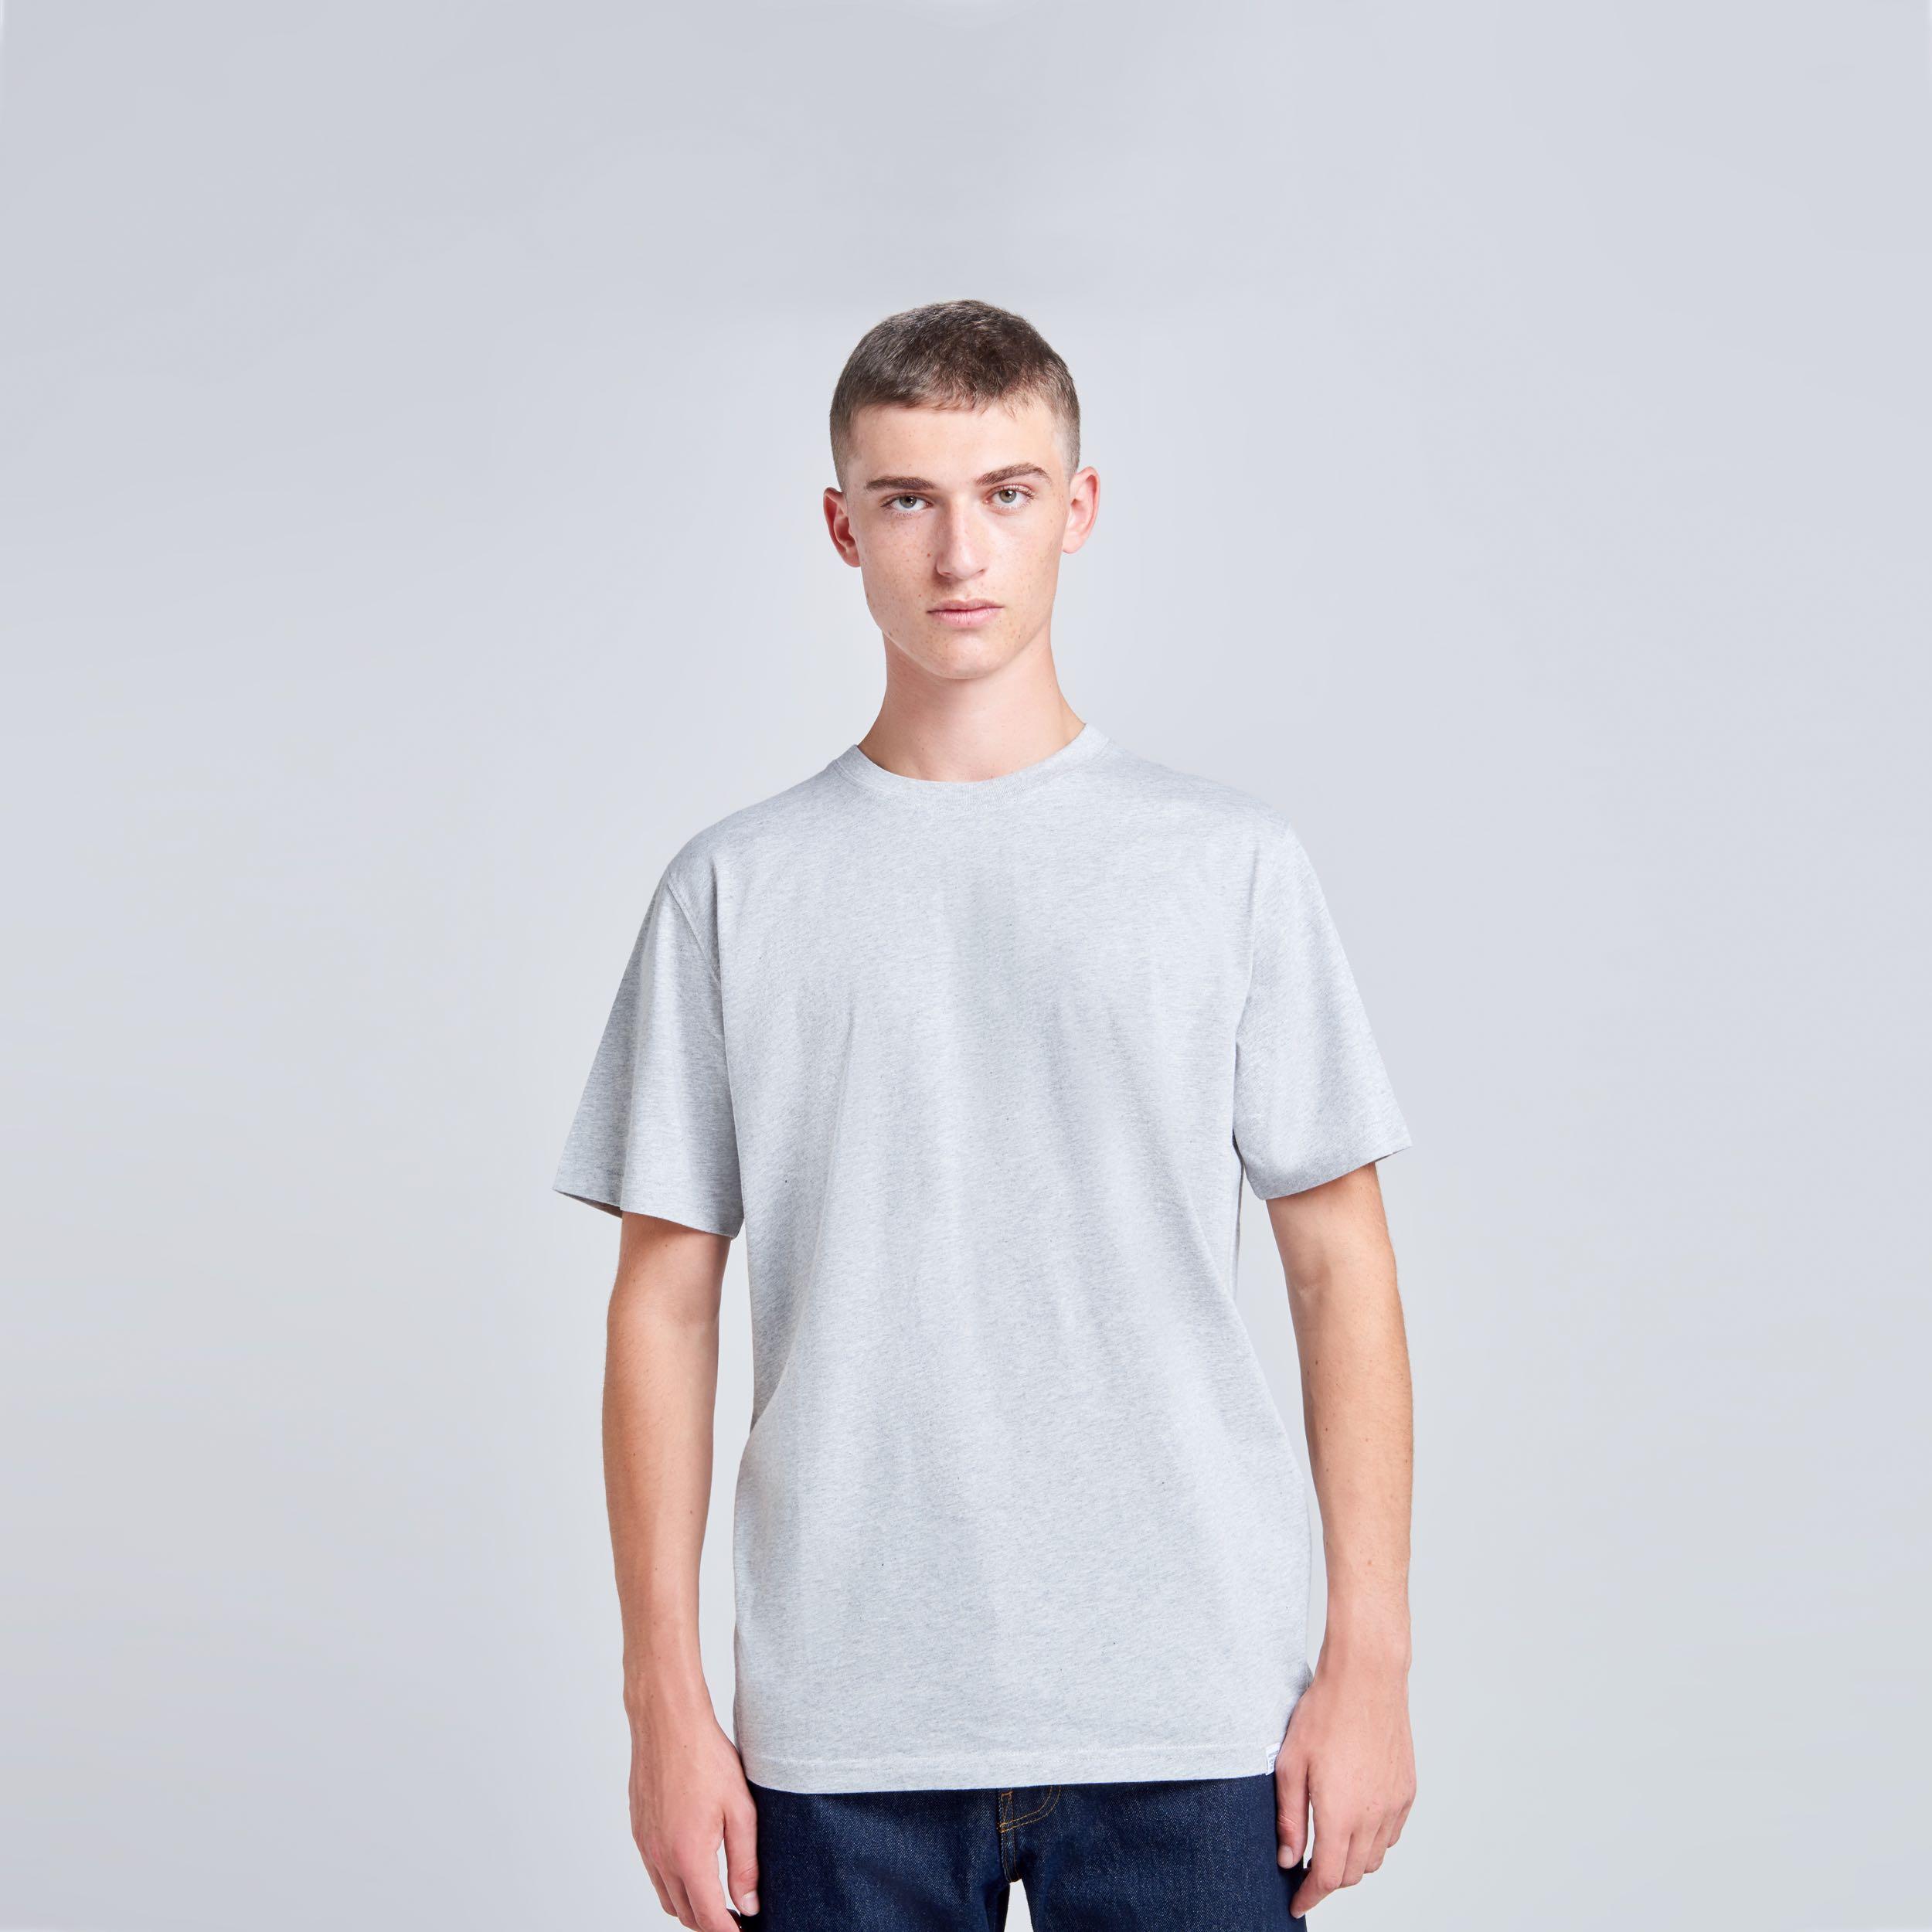 Niels standard short sleeve T-shirt